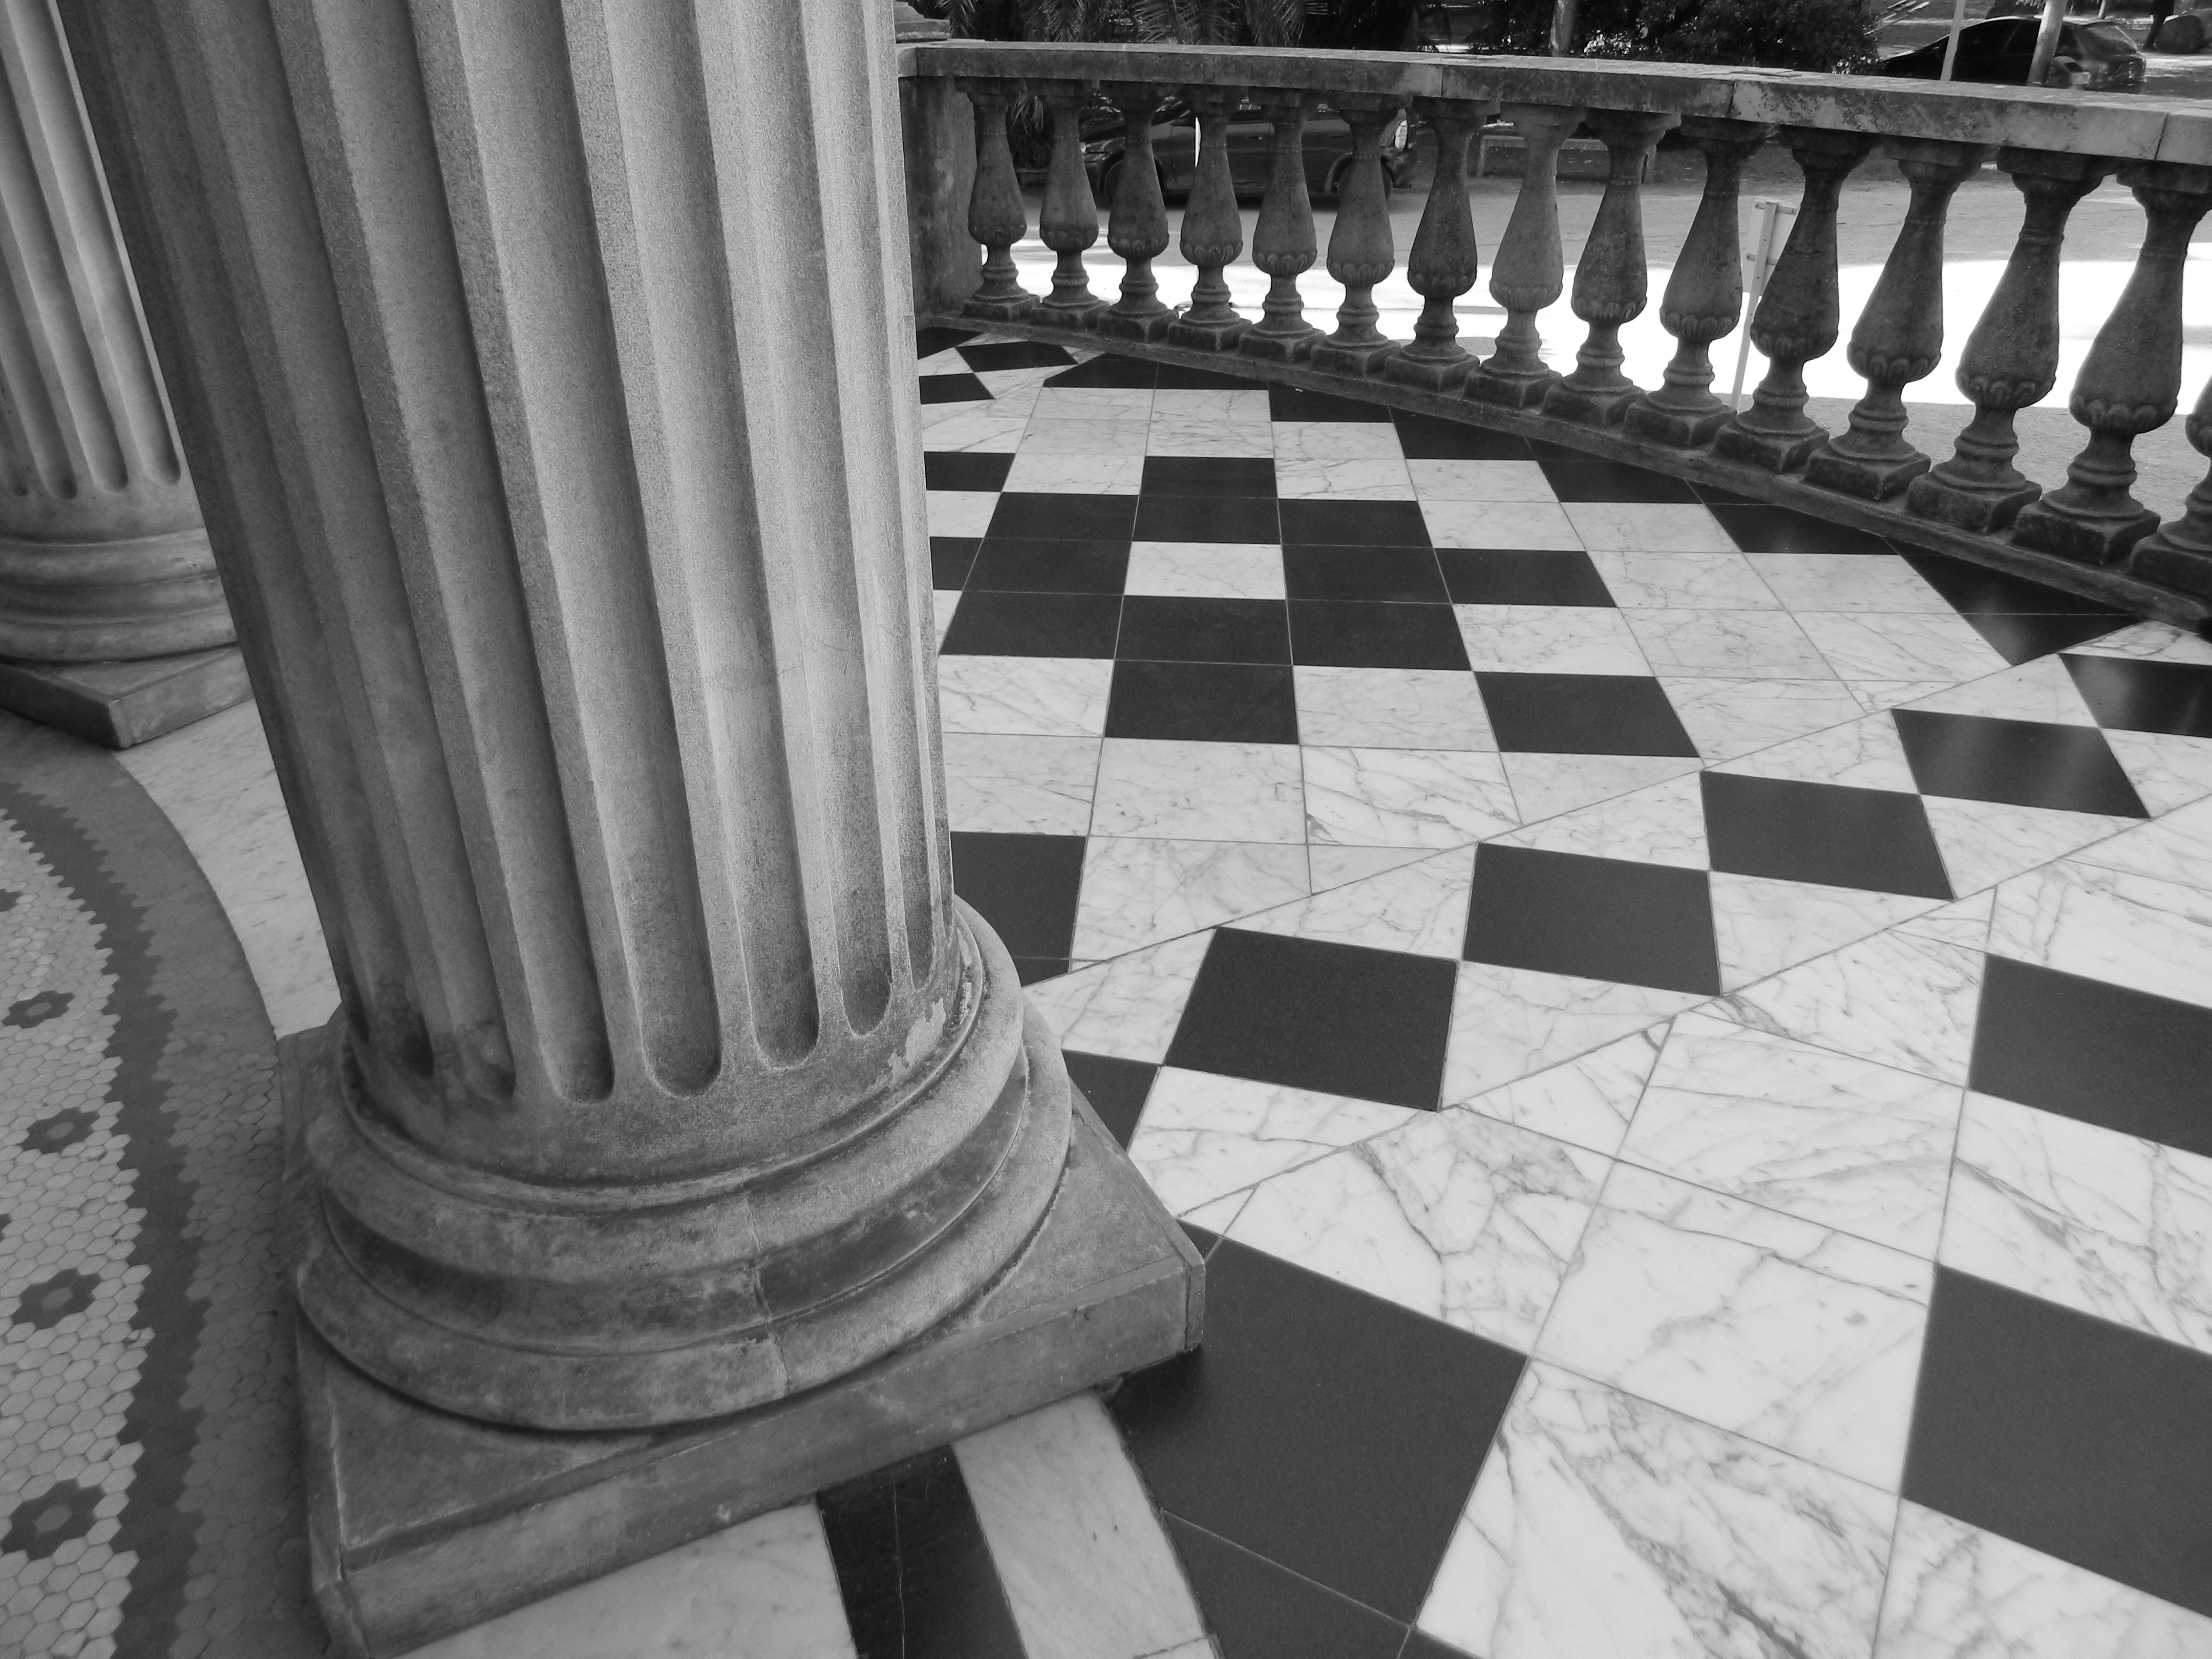 file museo blanes detalle de piso entrada blanco y negro